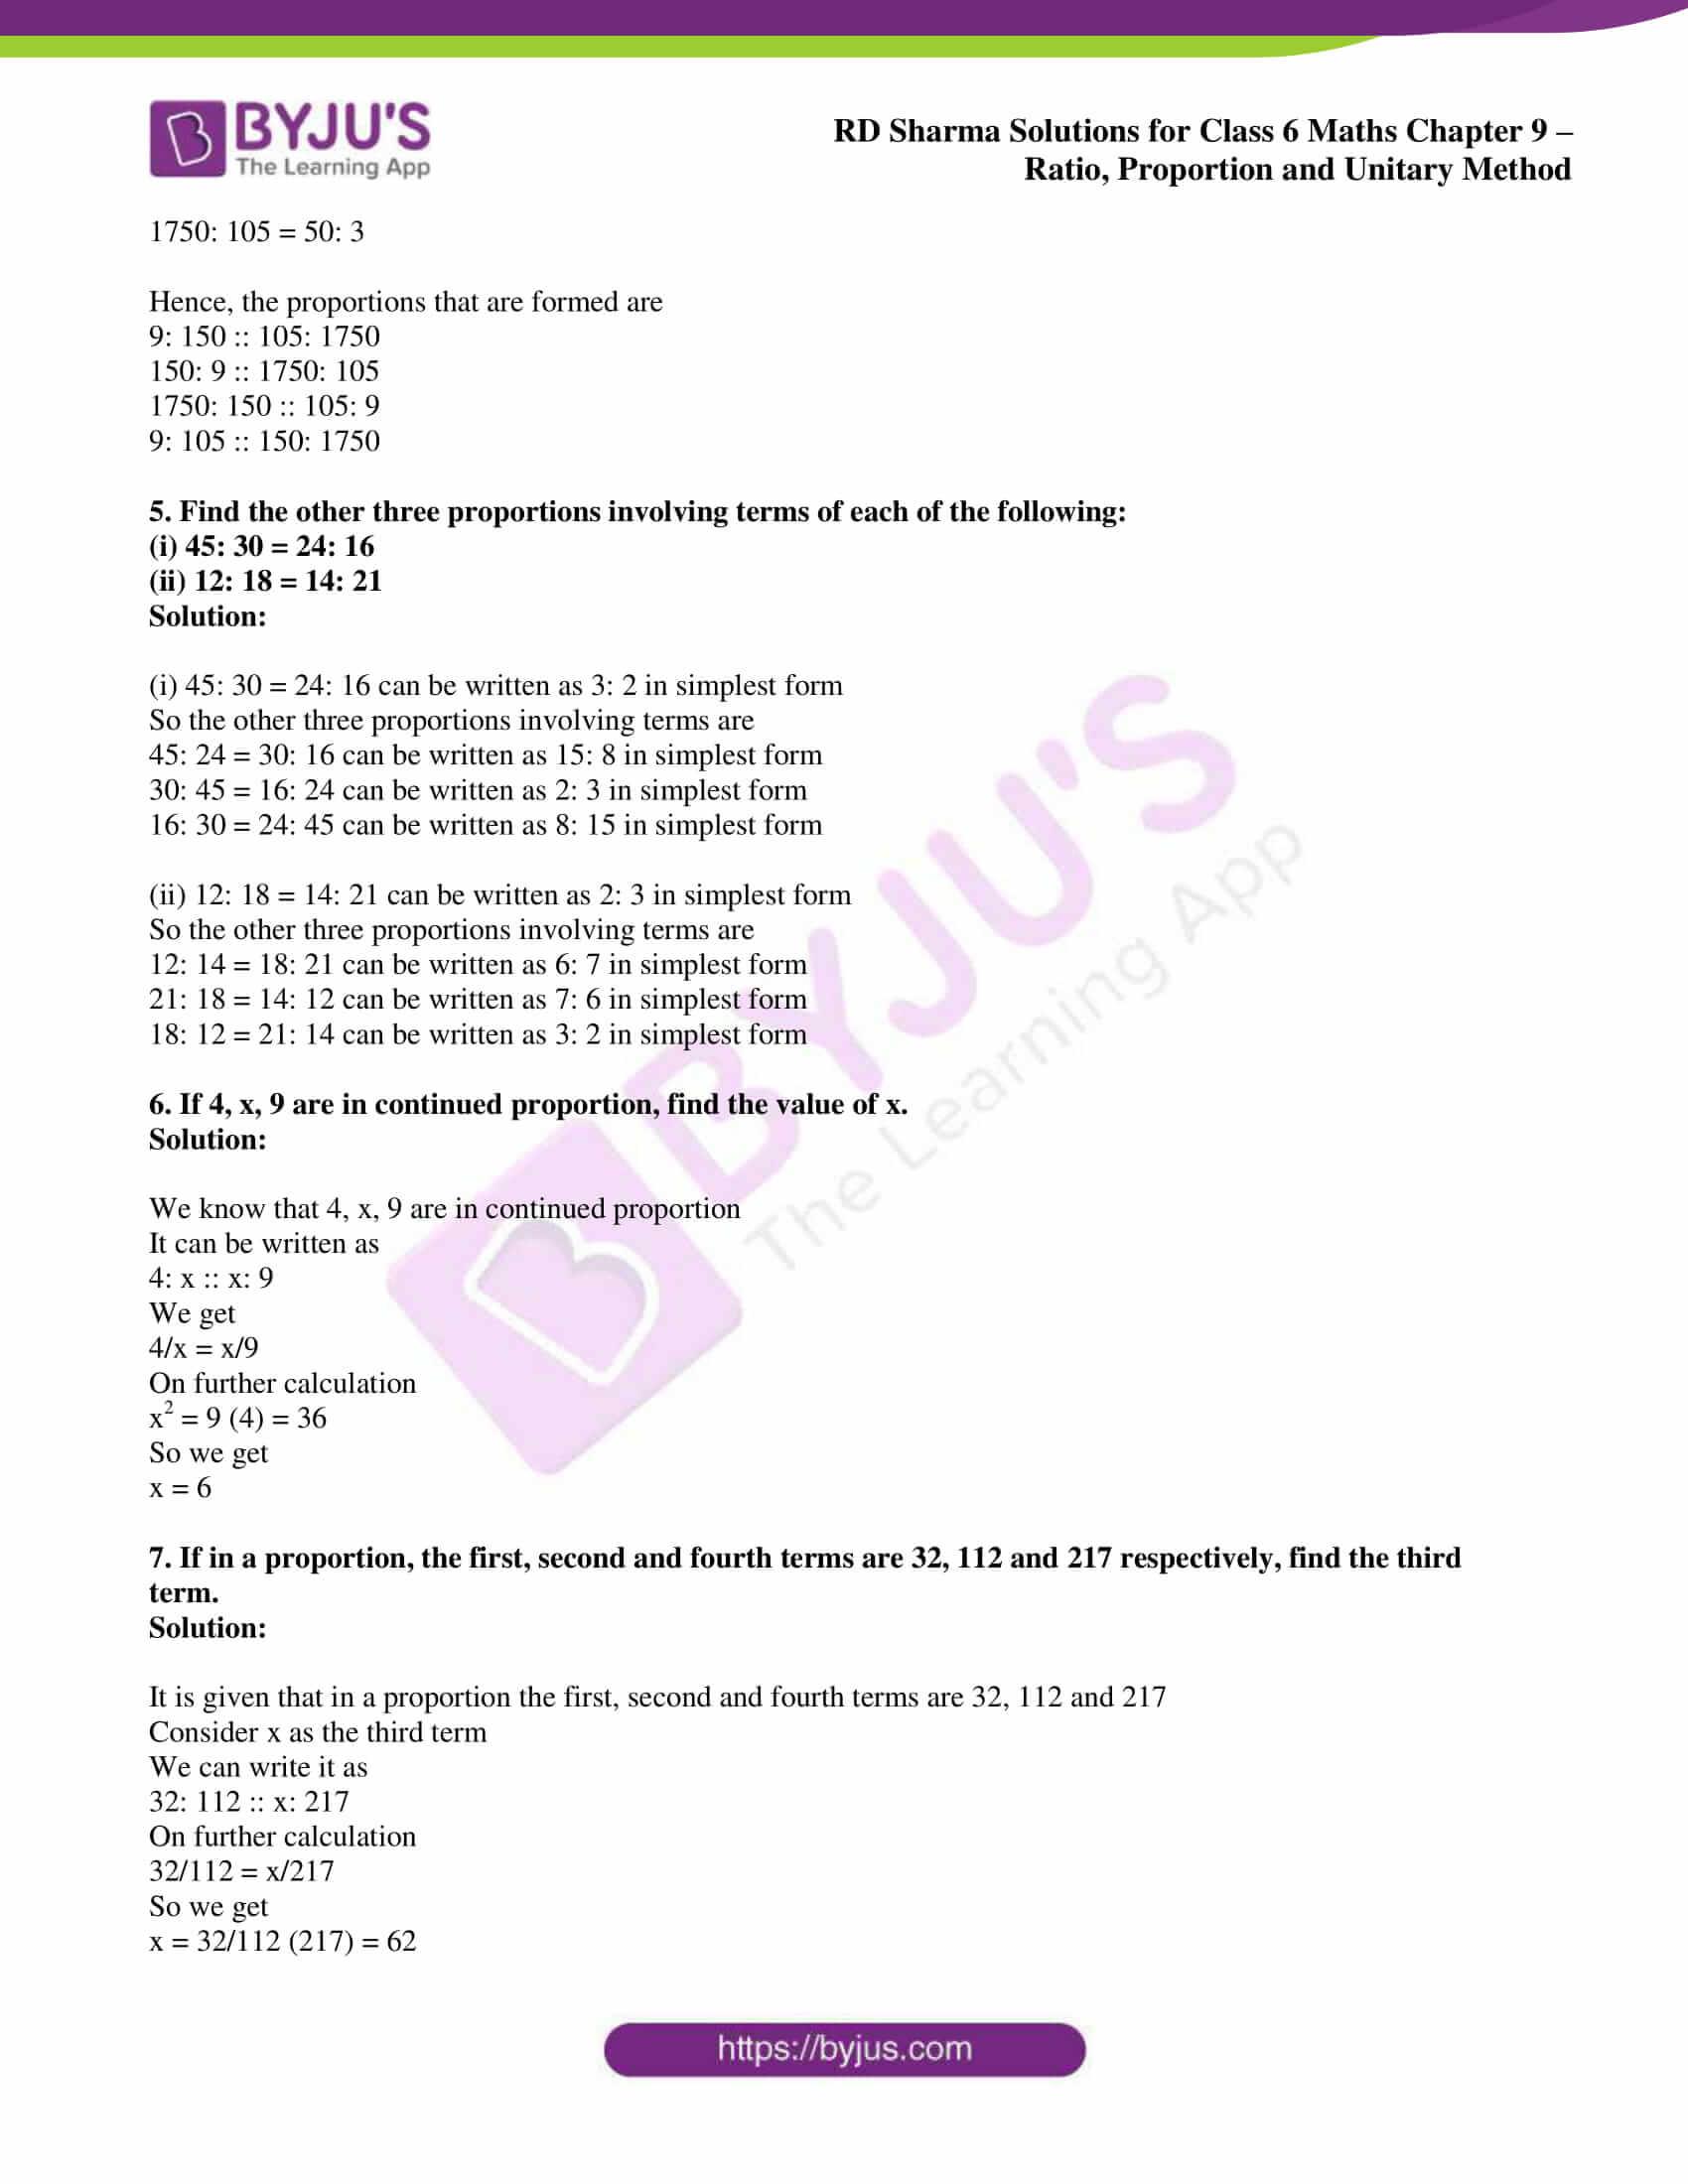 rd sharma class 6 maths solutions chapter 9 ex 3 4